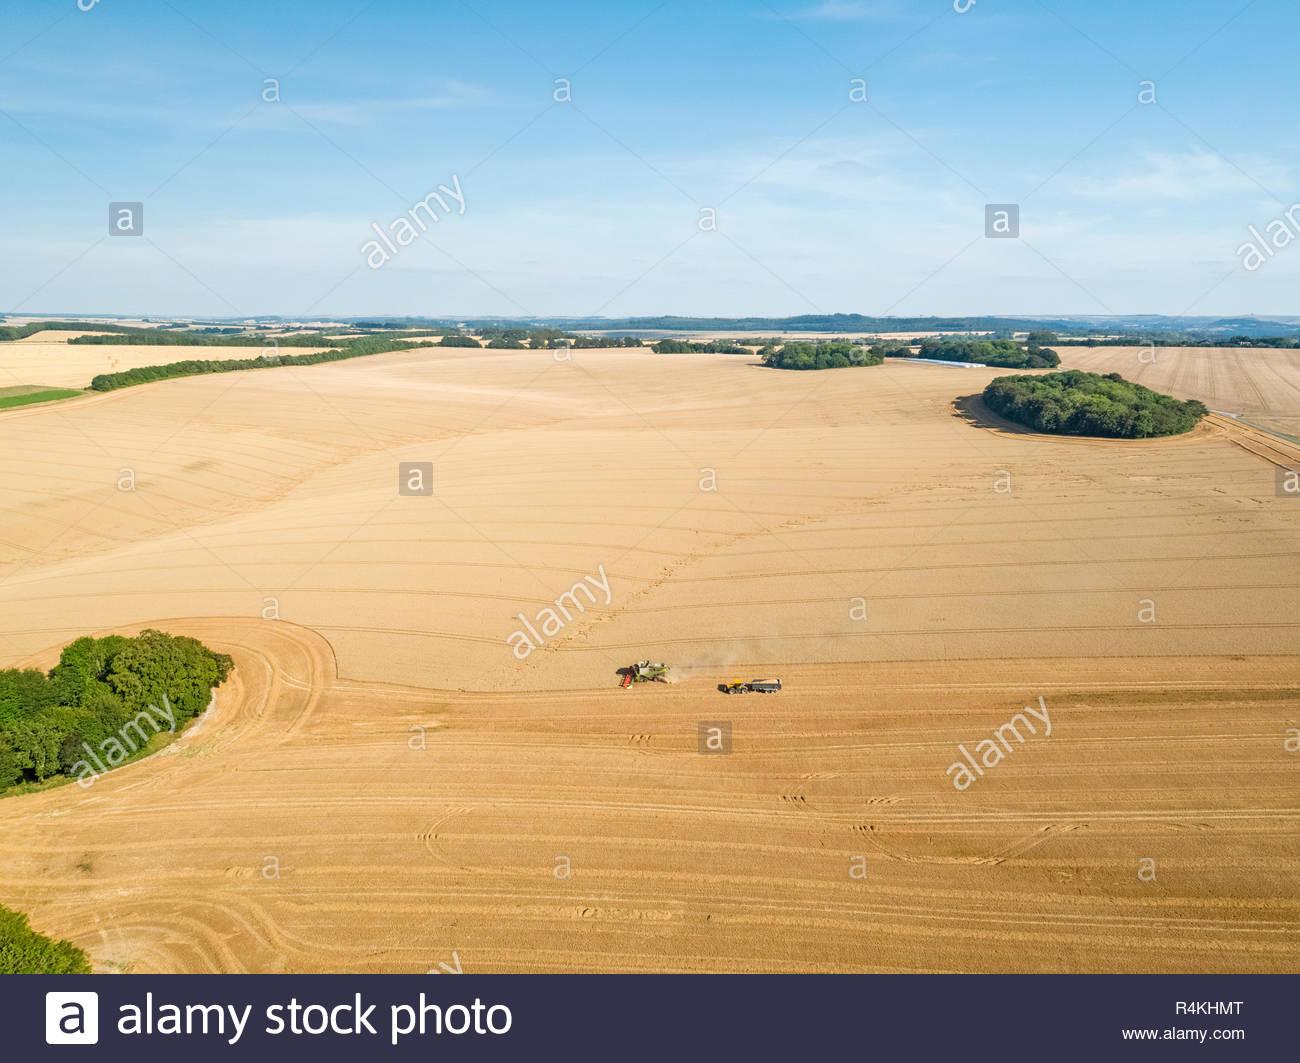 Ernte Antenne Landschaft des Mähdreschers schneiden Sommer Weizenfeld Ernte mit Traktoren Anhänger unter blauem Himmel auf der Farm Stockfoto